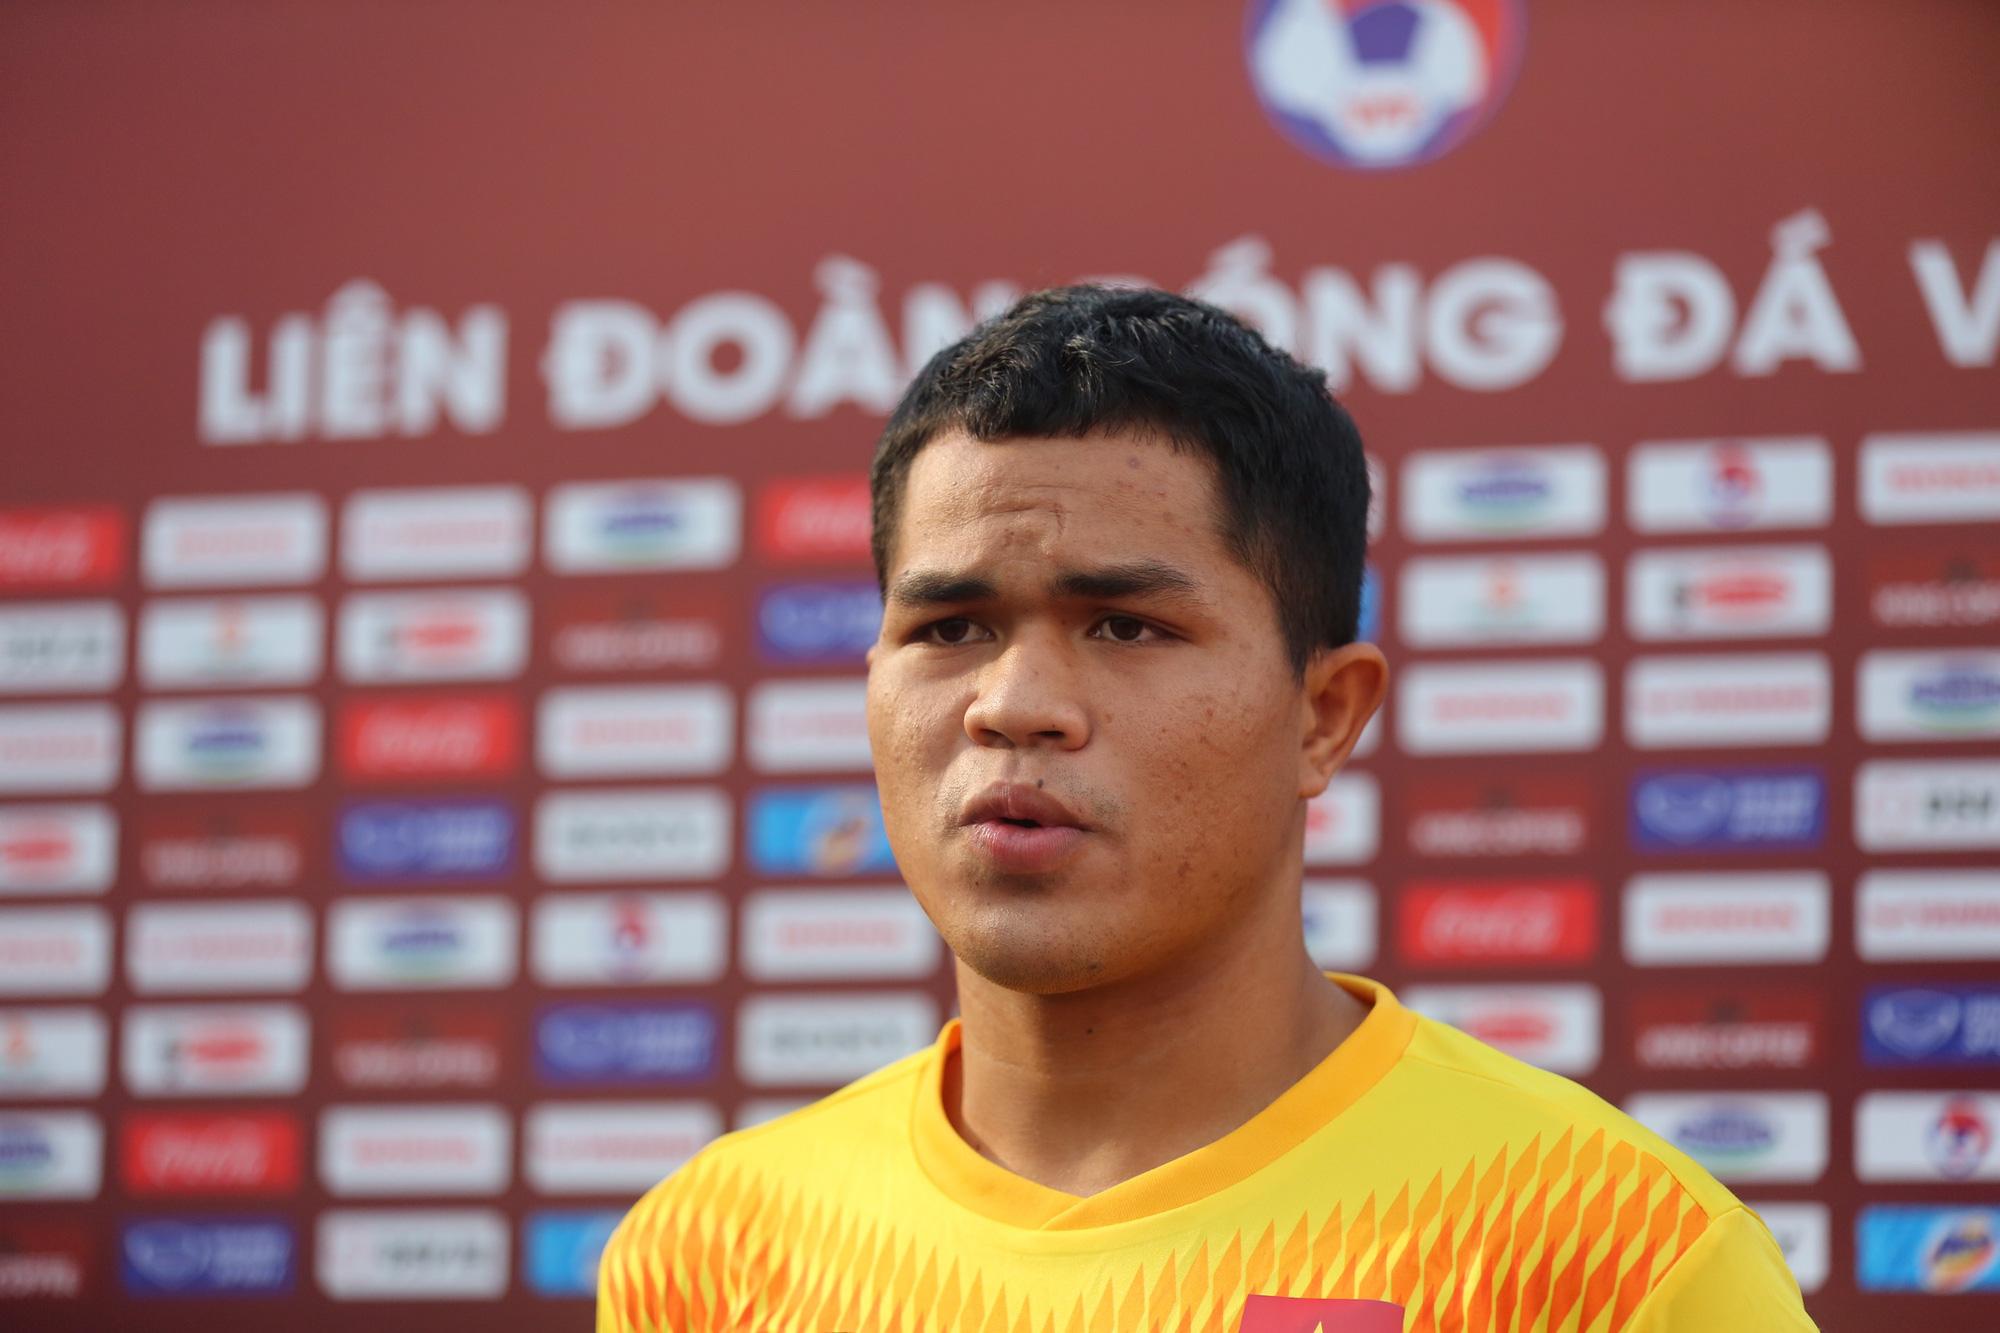 Đội trưởng U22 Việt Nam Dụng Quang Nho trả lời phỏng vấn báo chí. Ảnh: Hải Đăng